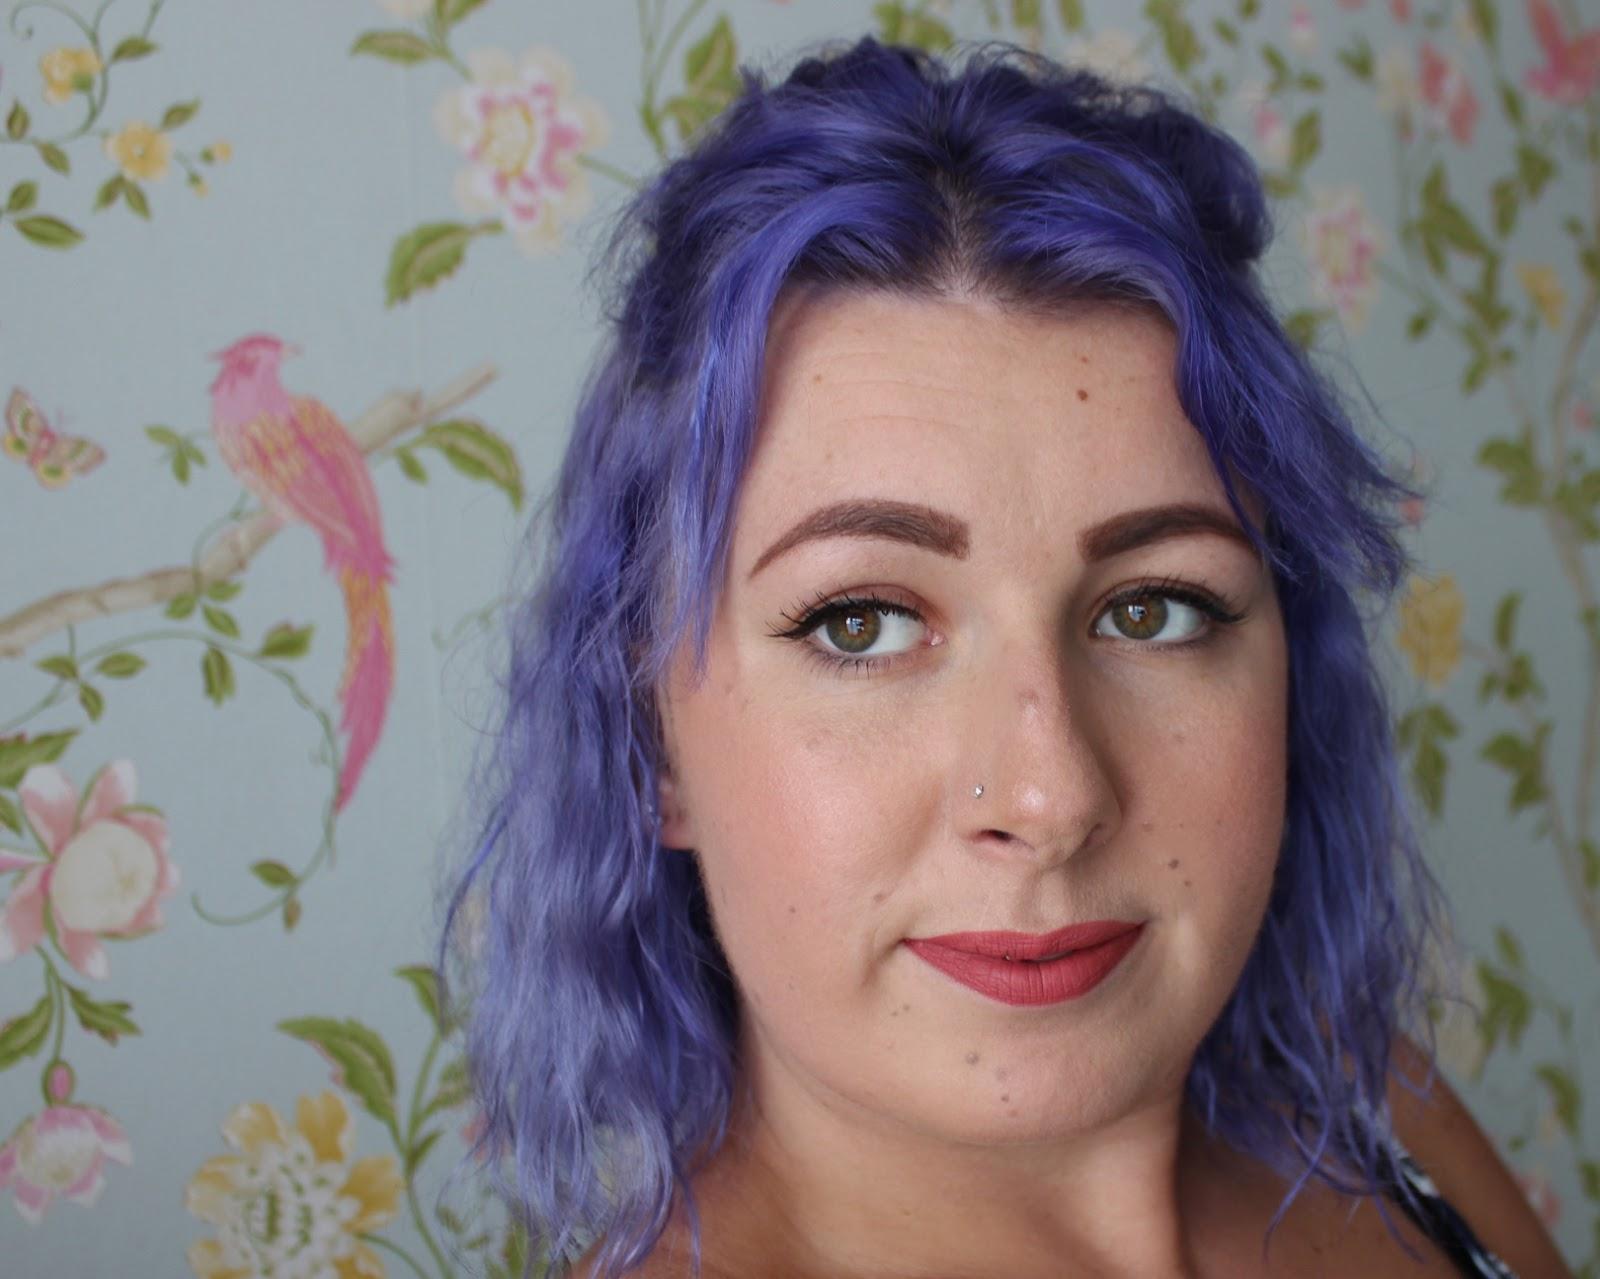 Kat Von D London Calling Makeup Set review